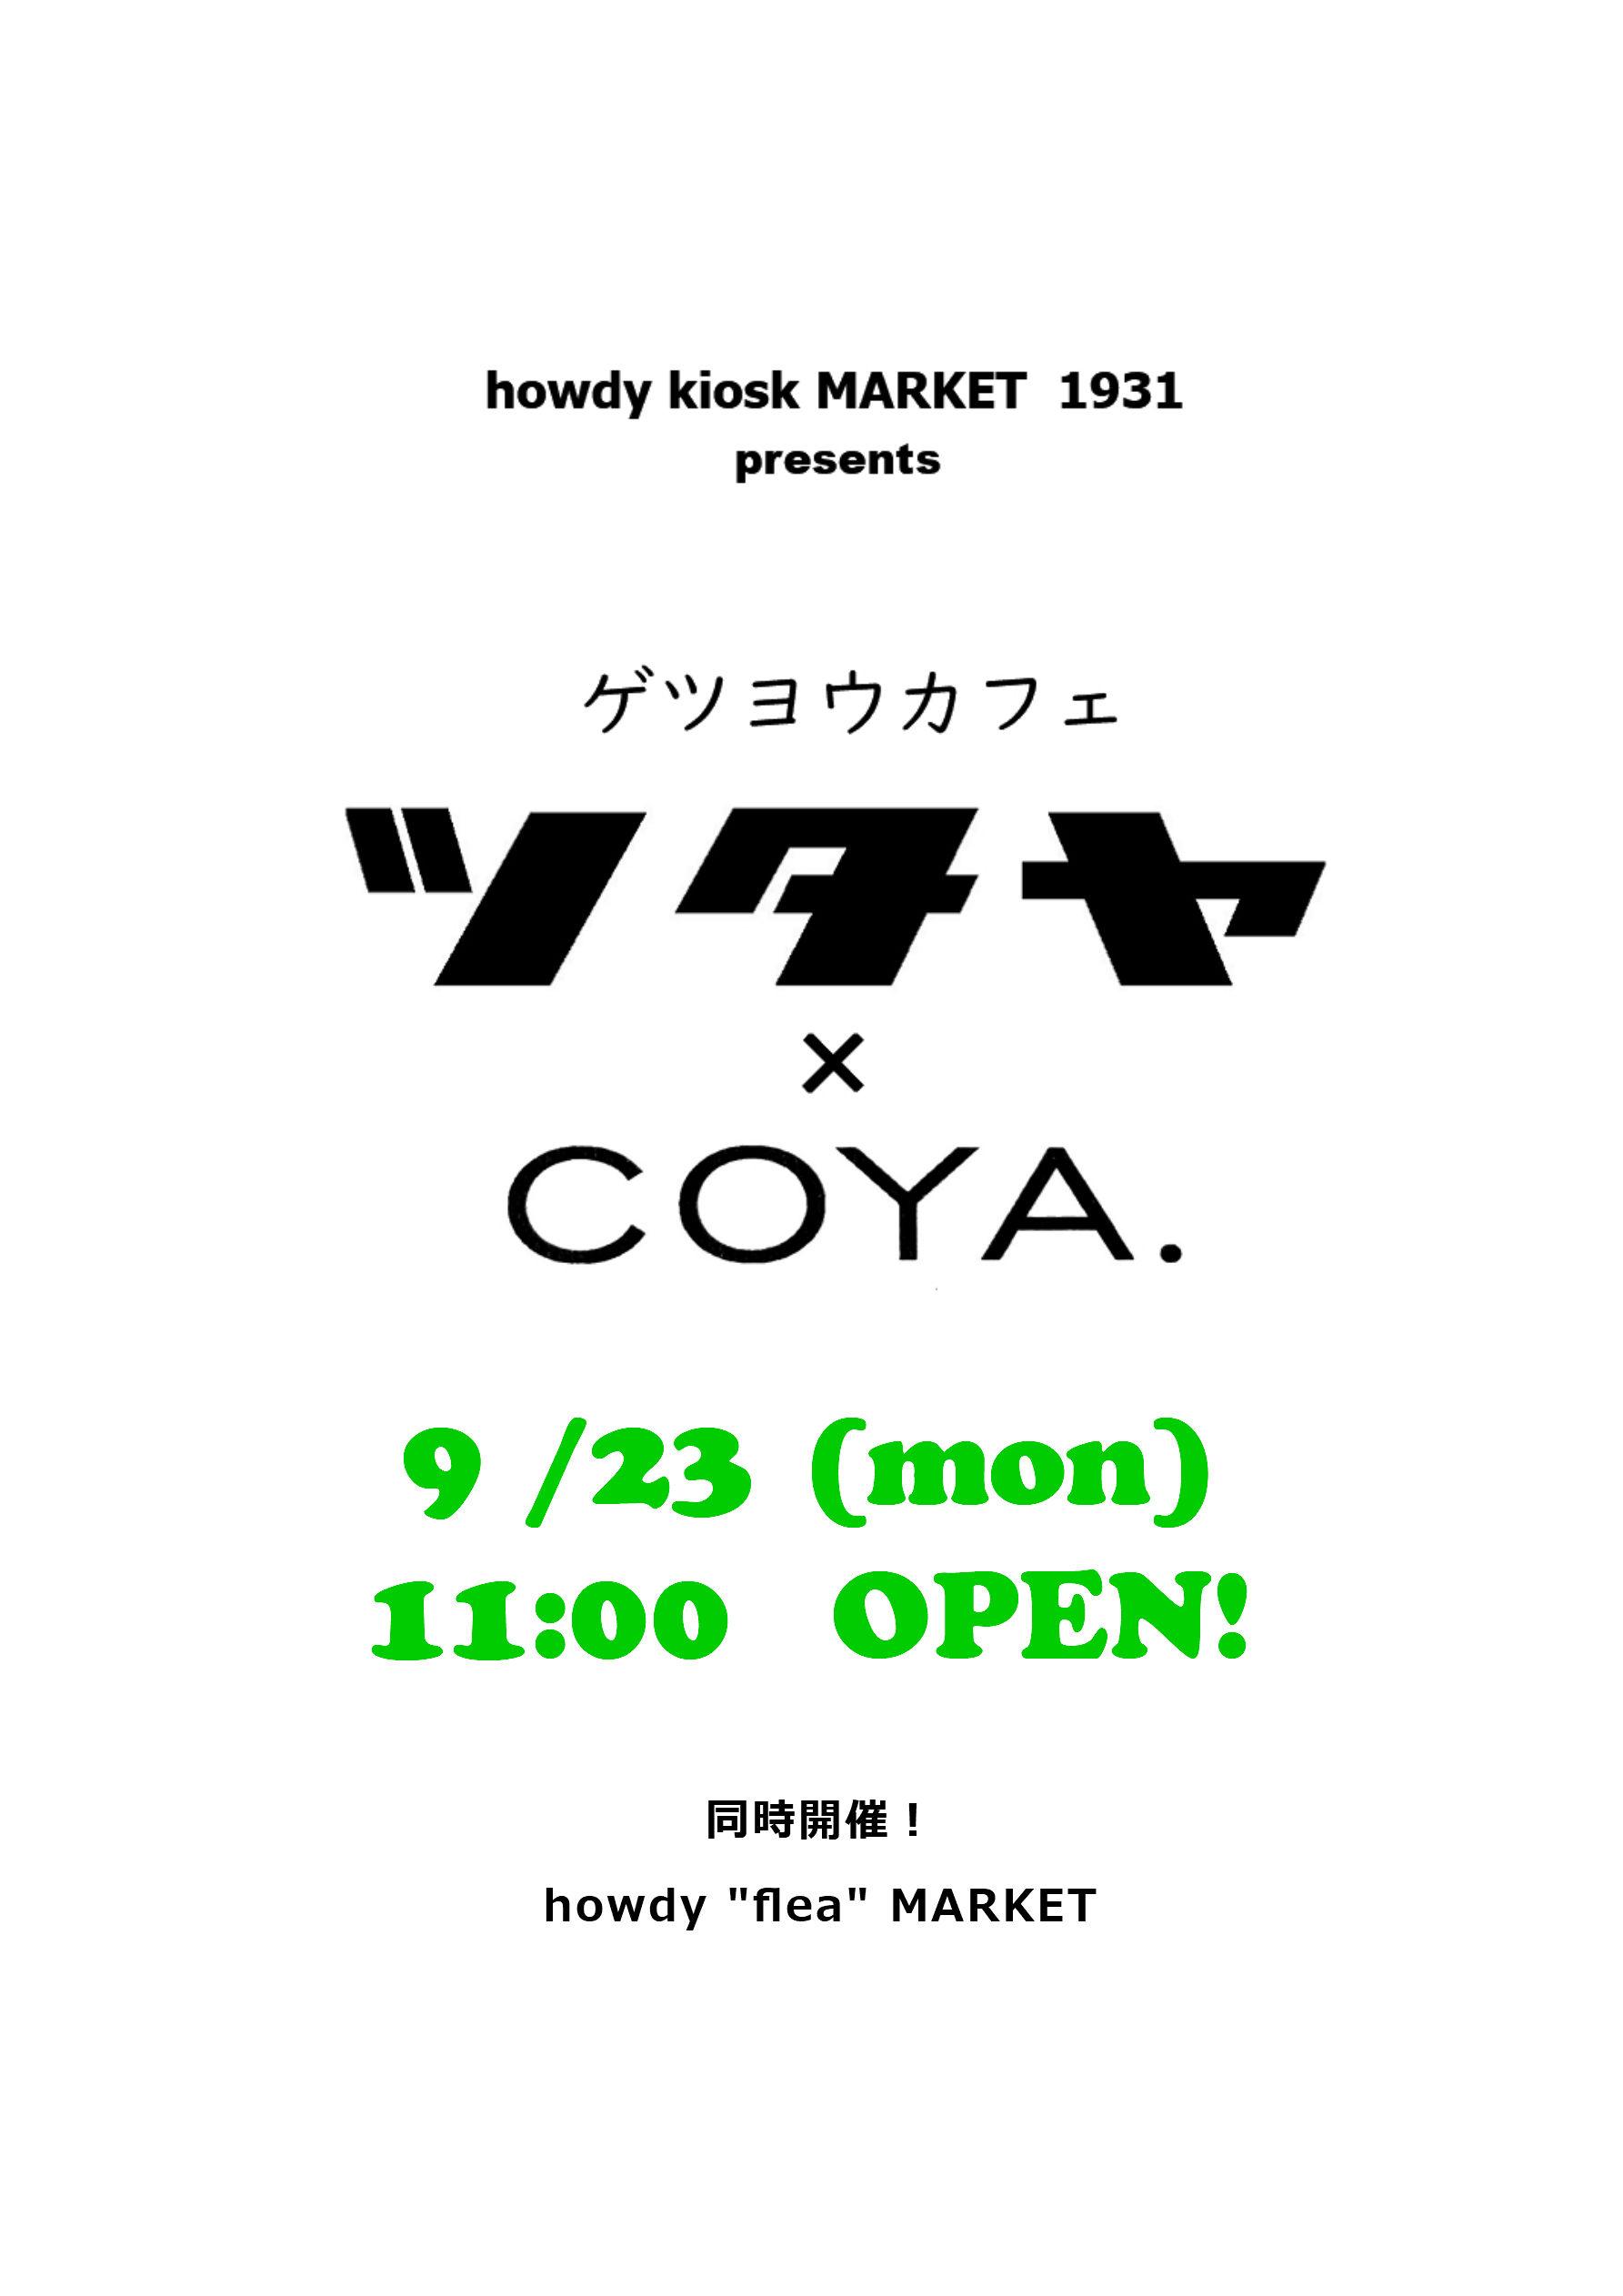 「ゲツヨウカフェ ツタヤコヤ」 9/23(月・祝)11:00~ オープンですよ~!!。